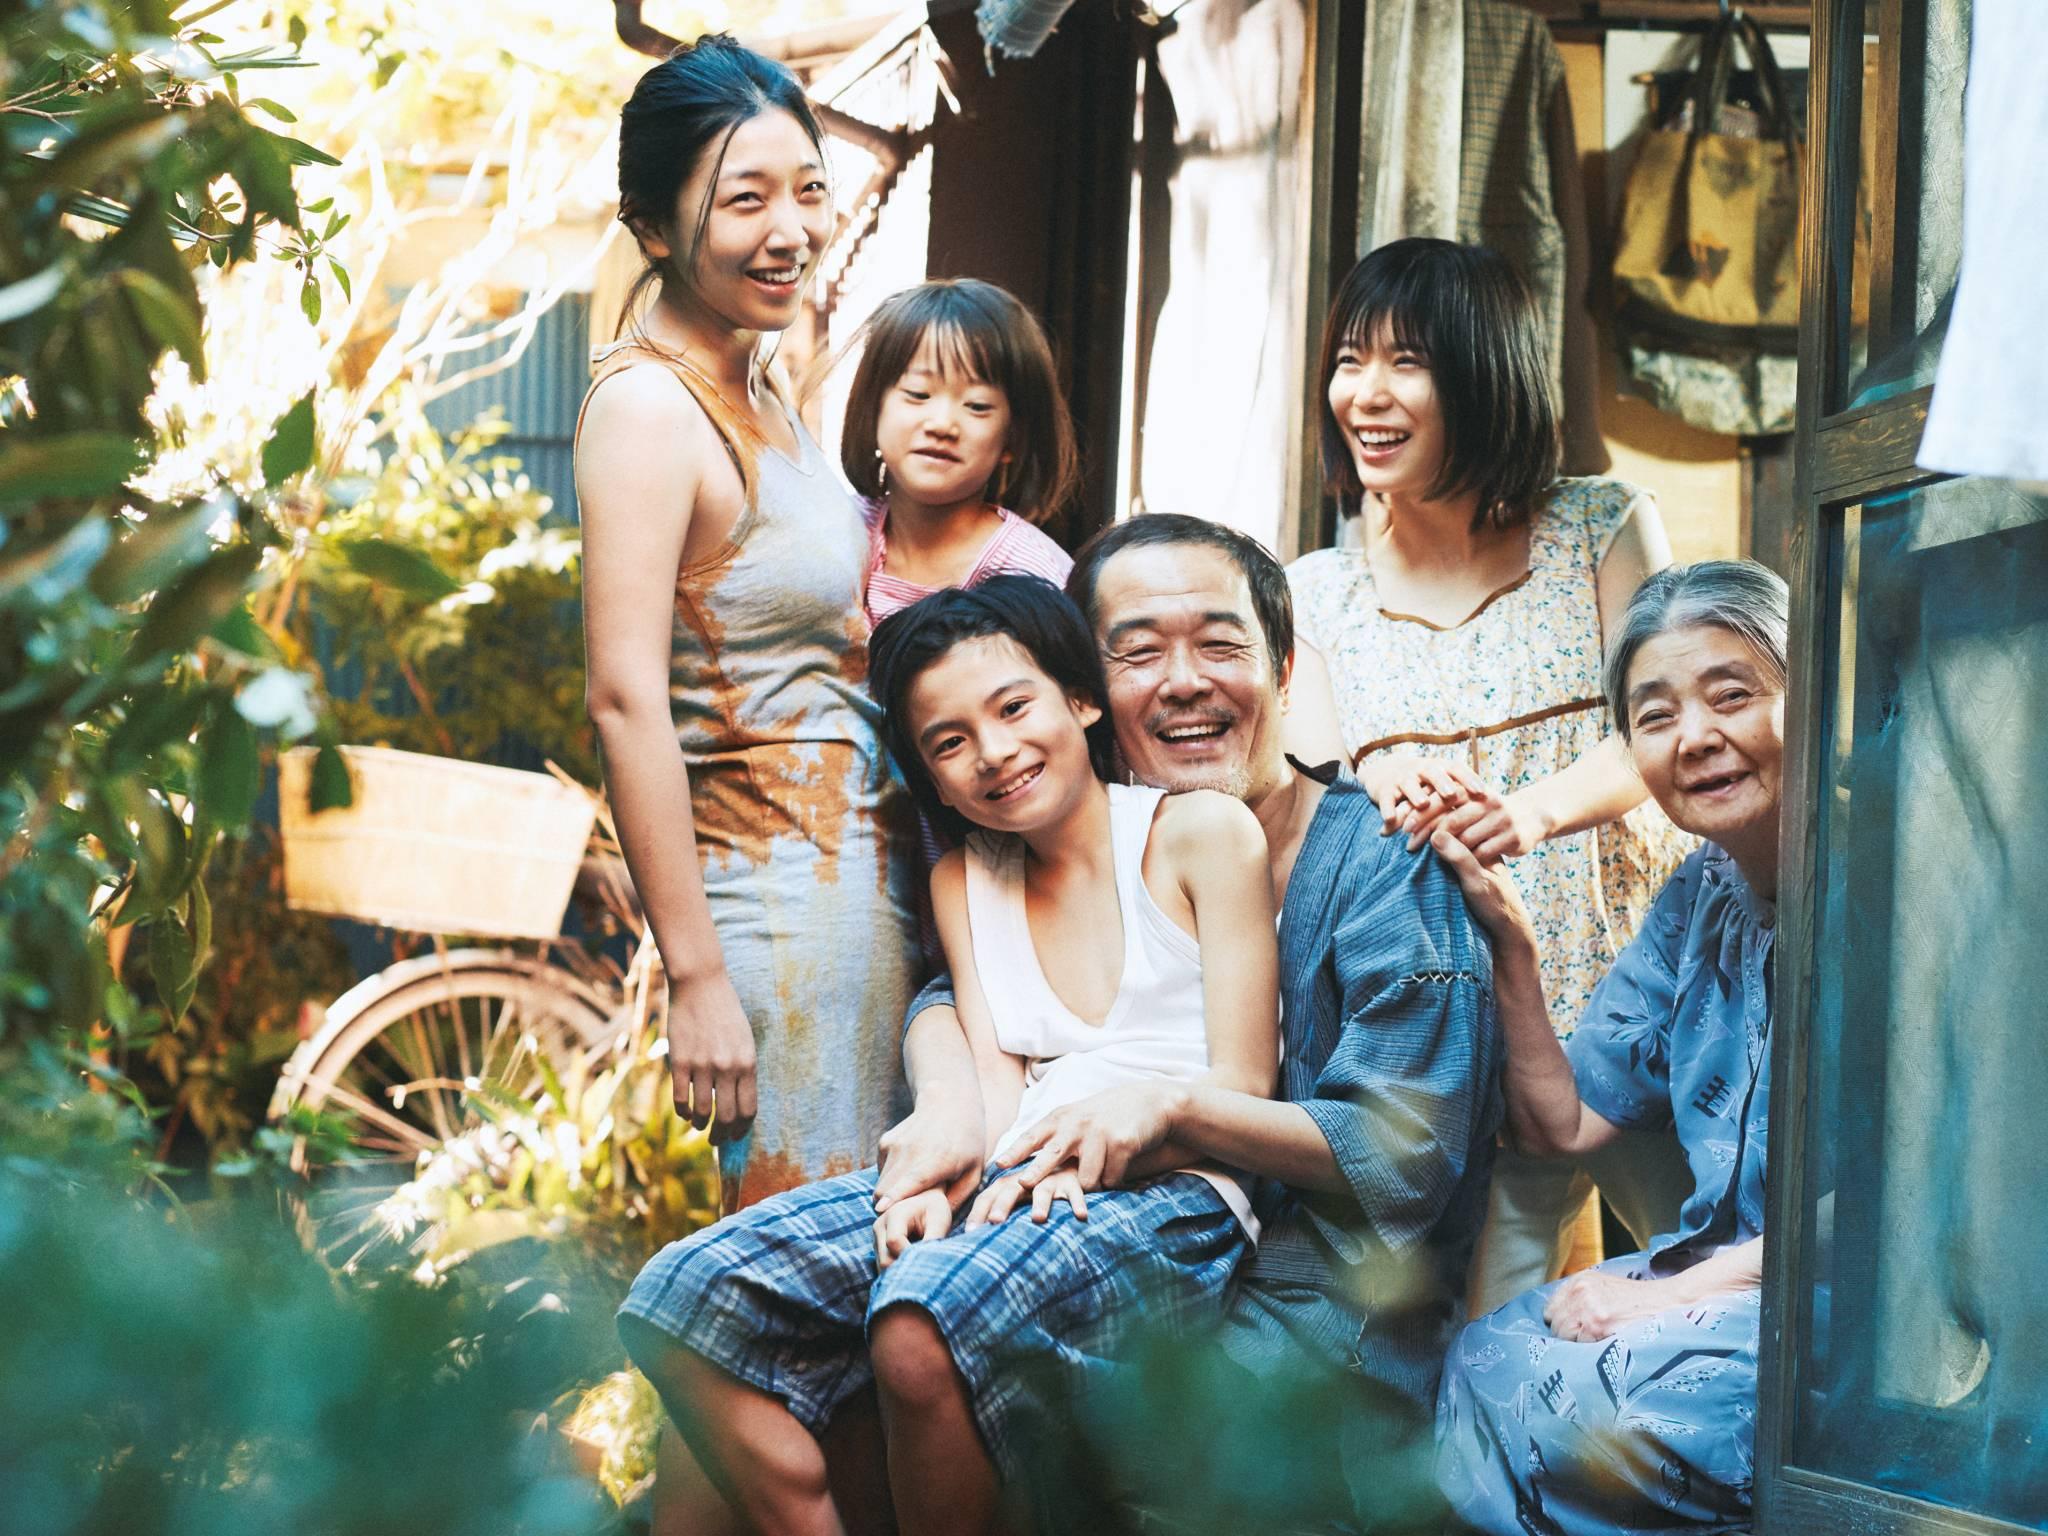 """""""Złodziejaszki"""" - zabawna i wzruszająca historia o prawdziwym rodzinnym szczęściu"""